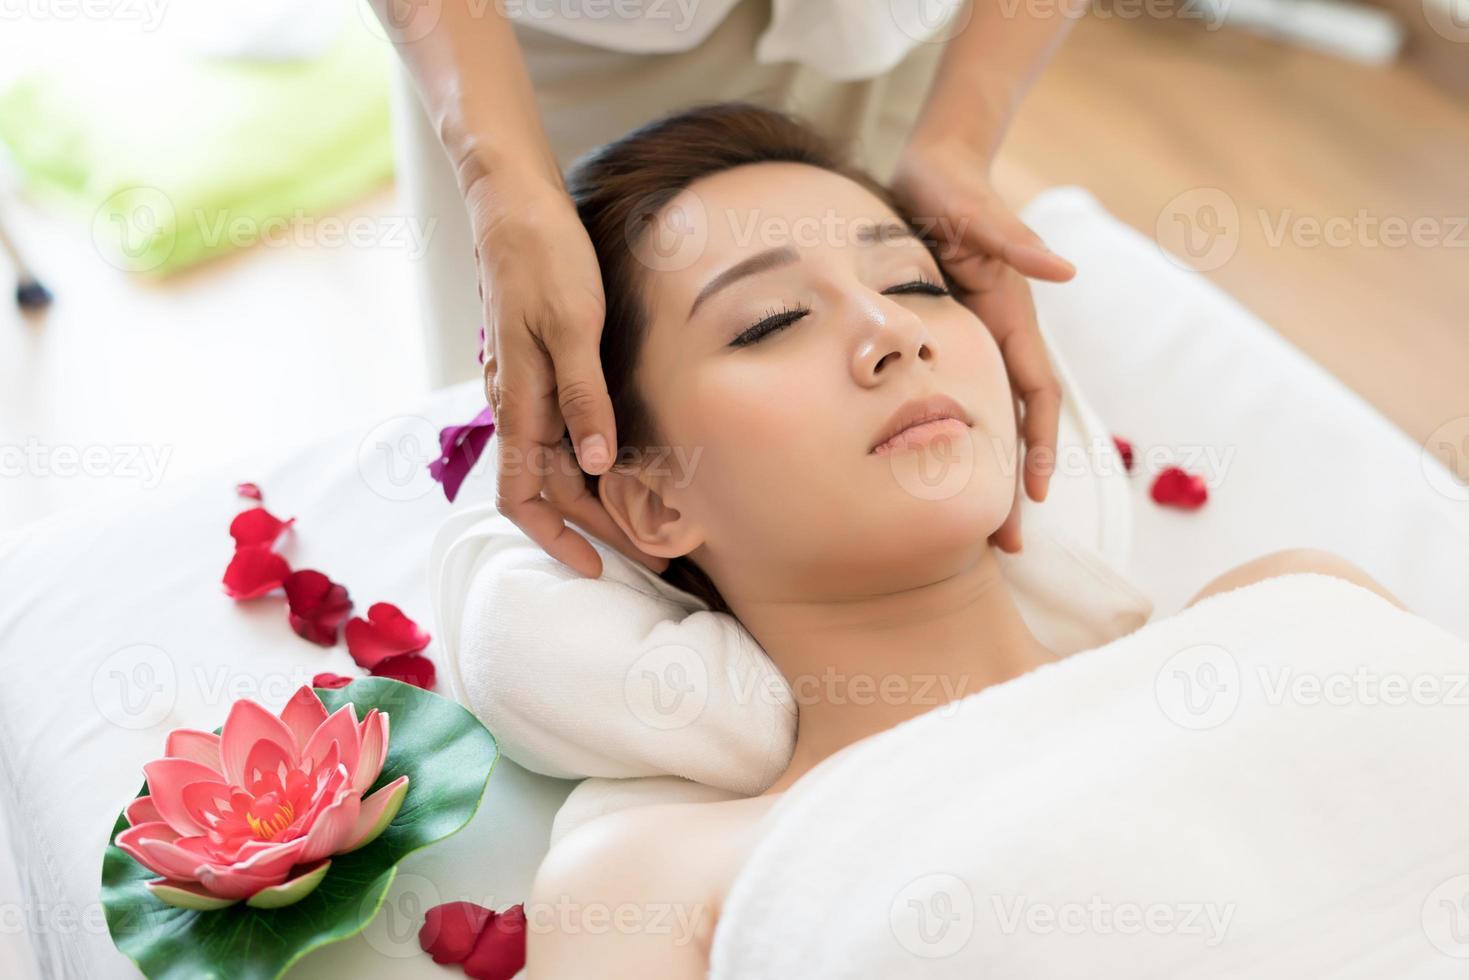 traditionele oosterse massagetherapie en schoonheidsbehandelingen foto